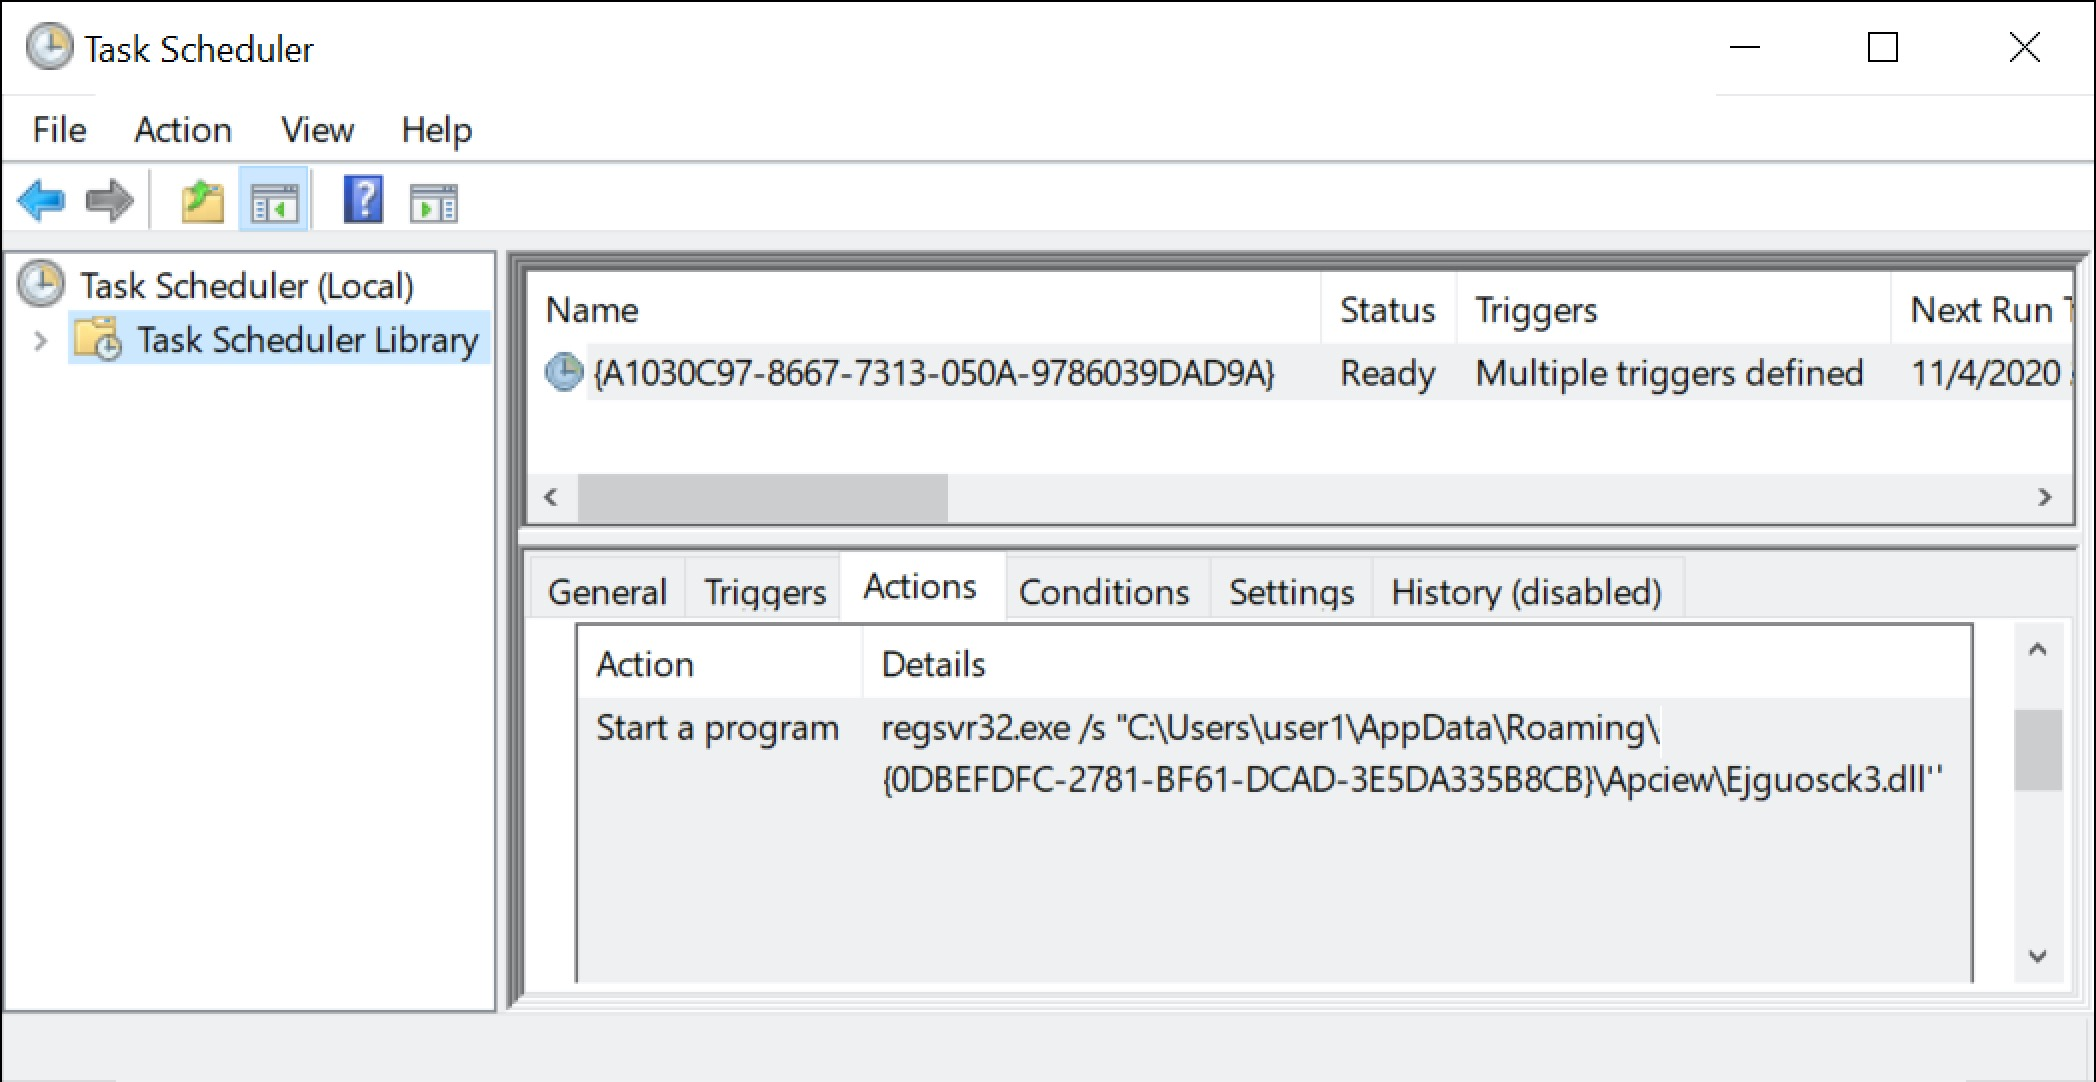 このスクリーンショットは、「複数のトリガーが定義された」スケジュールタスクを示しています。このタスクが感染Windowsホスト上でIcedID感染を維持します。